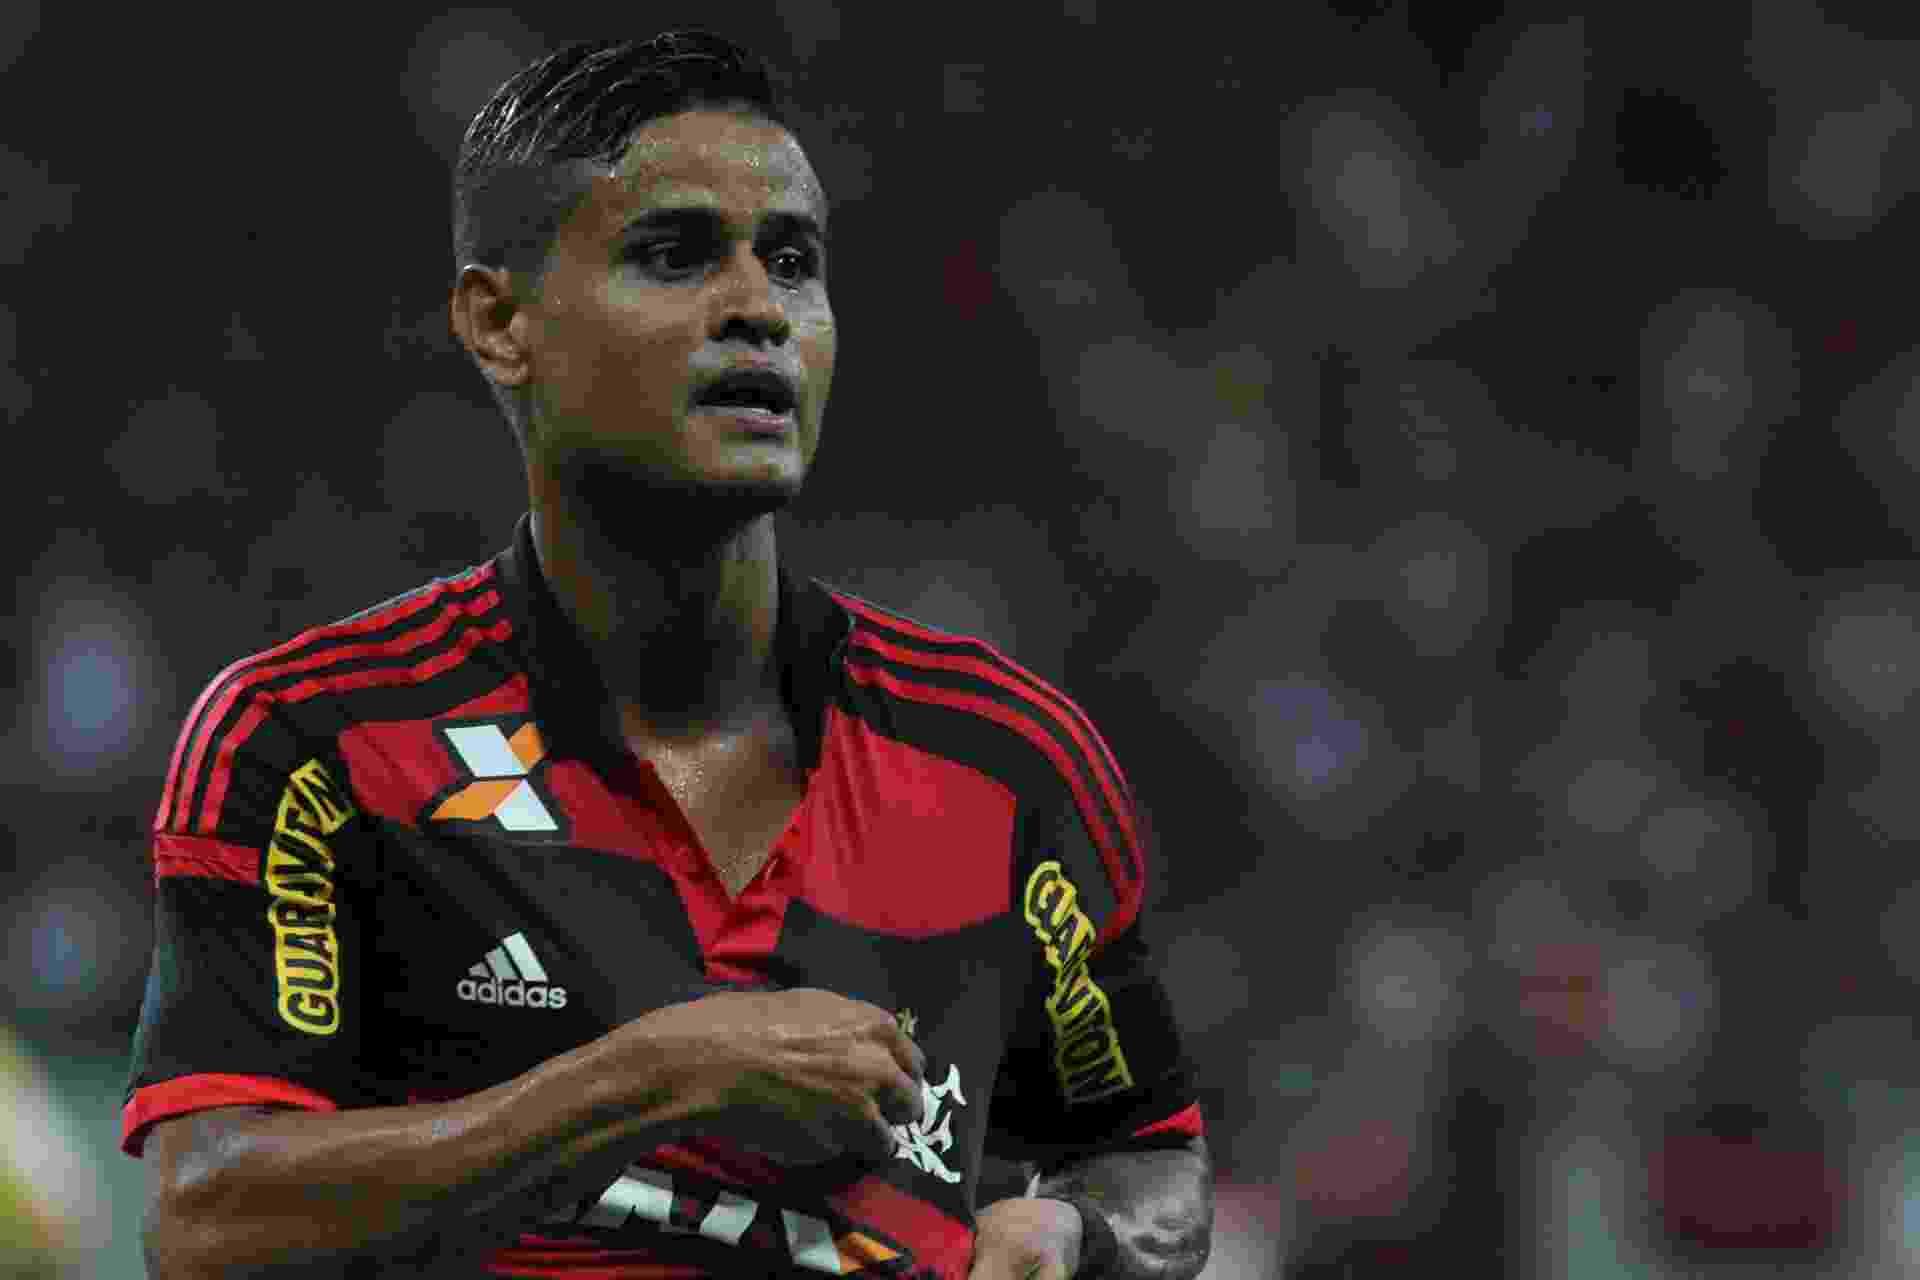 O meia Everton marcou o gol do Flamengo no clássico contra o Vasco em Manaus - Gilvan de Souza/ Flamengo